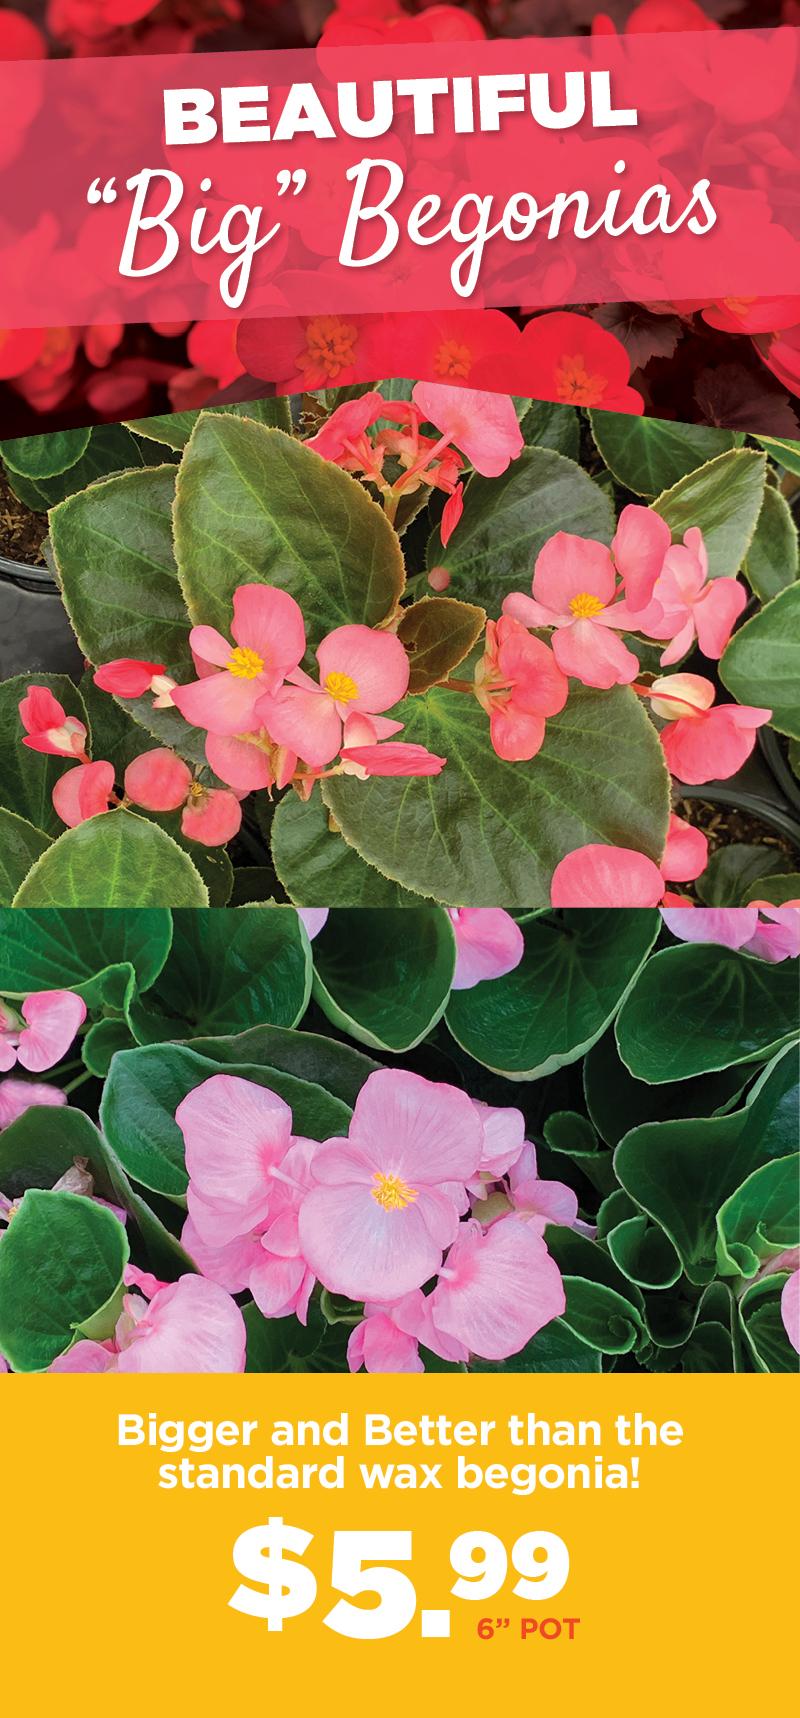 Big Begonias